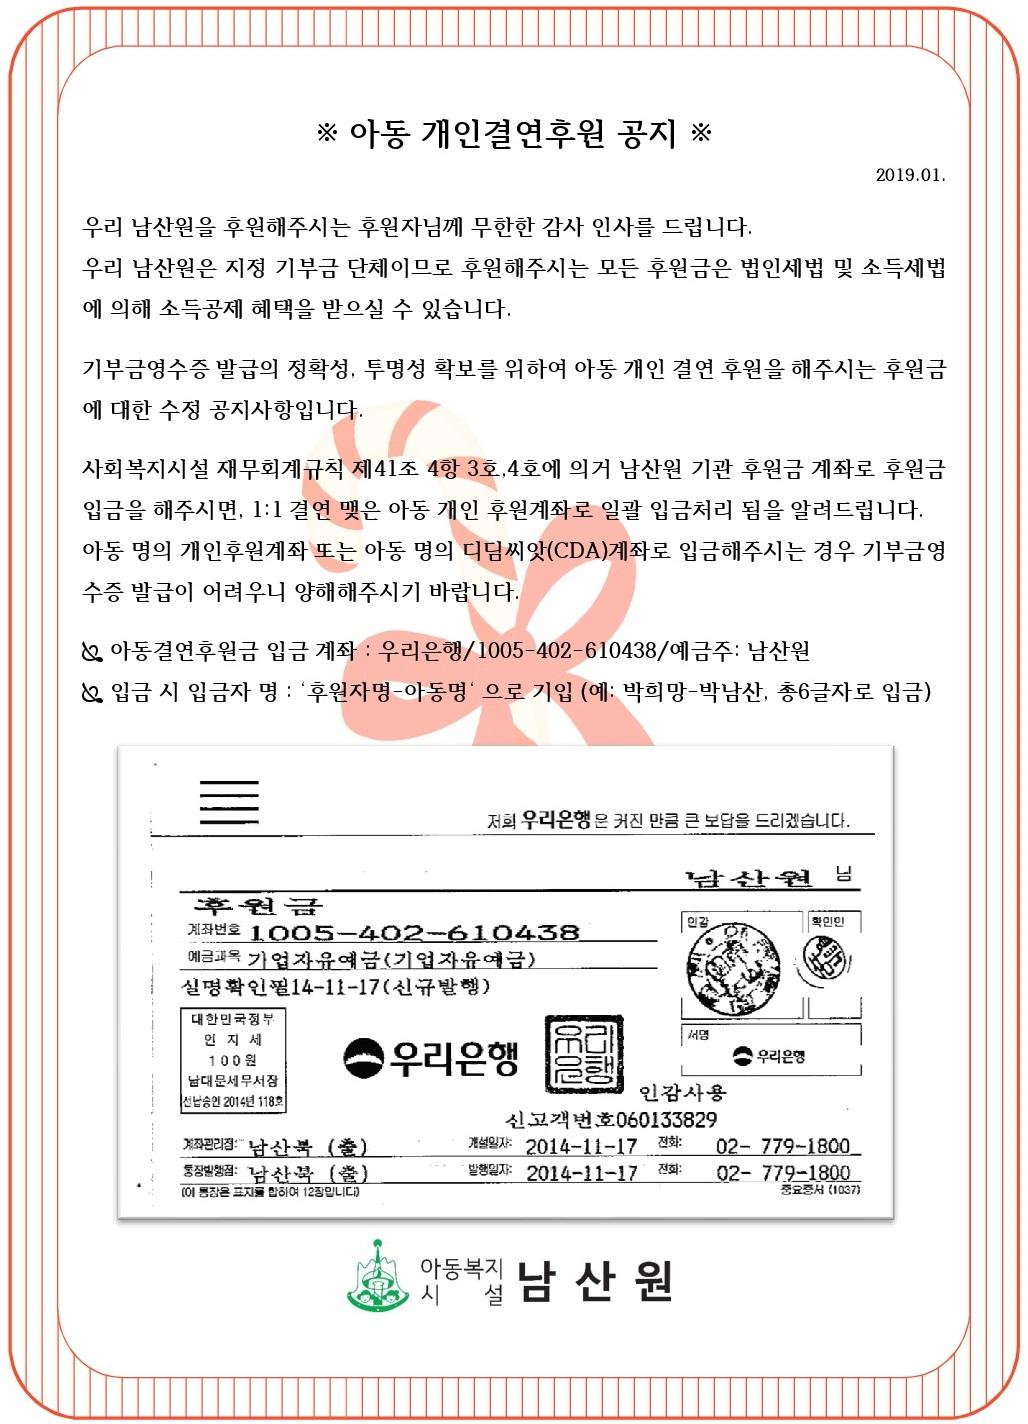 [후원] 아동 개인결연후원 공지-copy-1-001.jpg